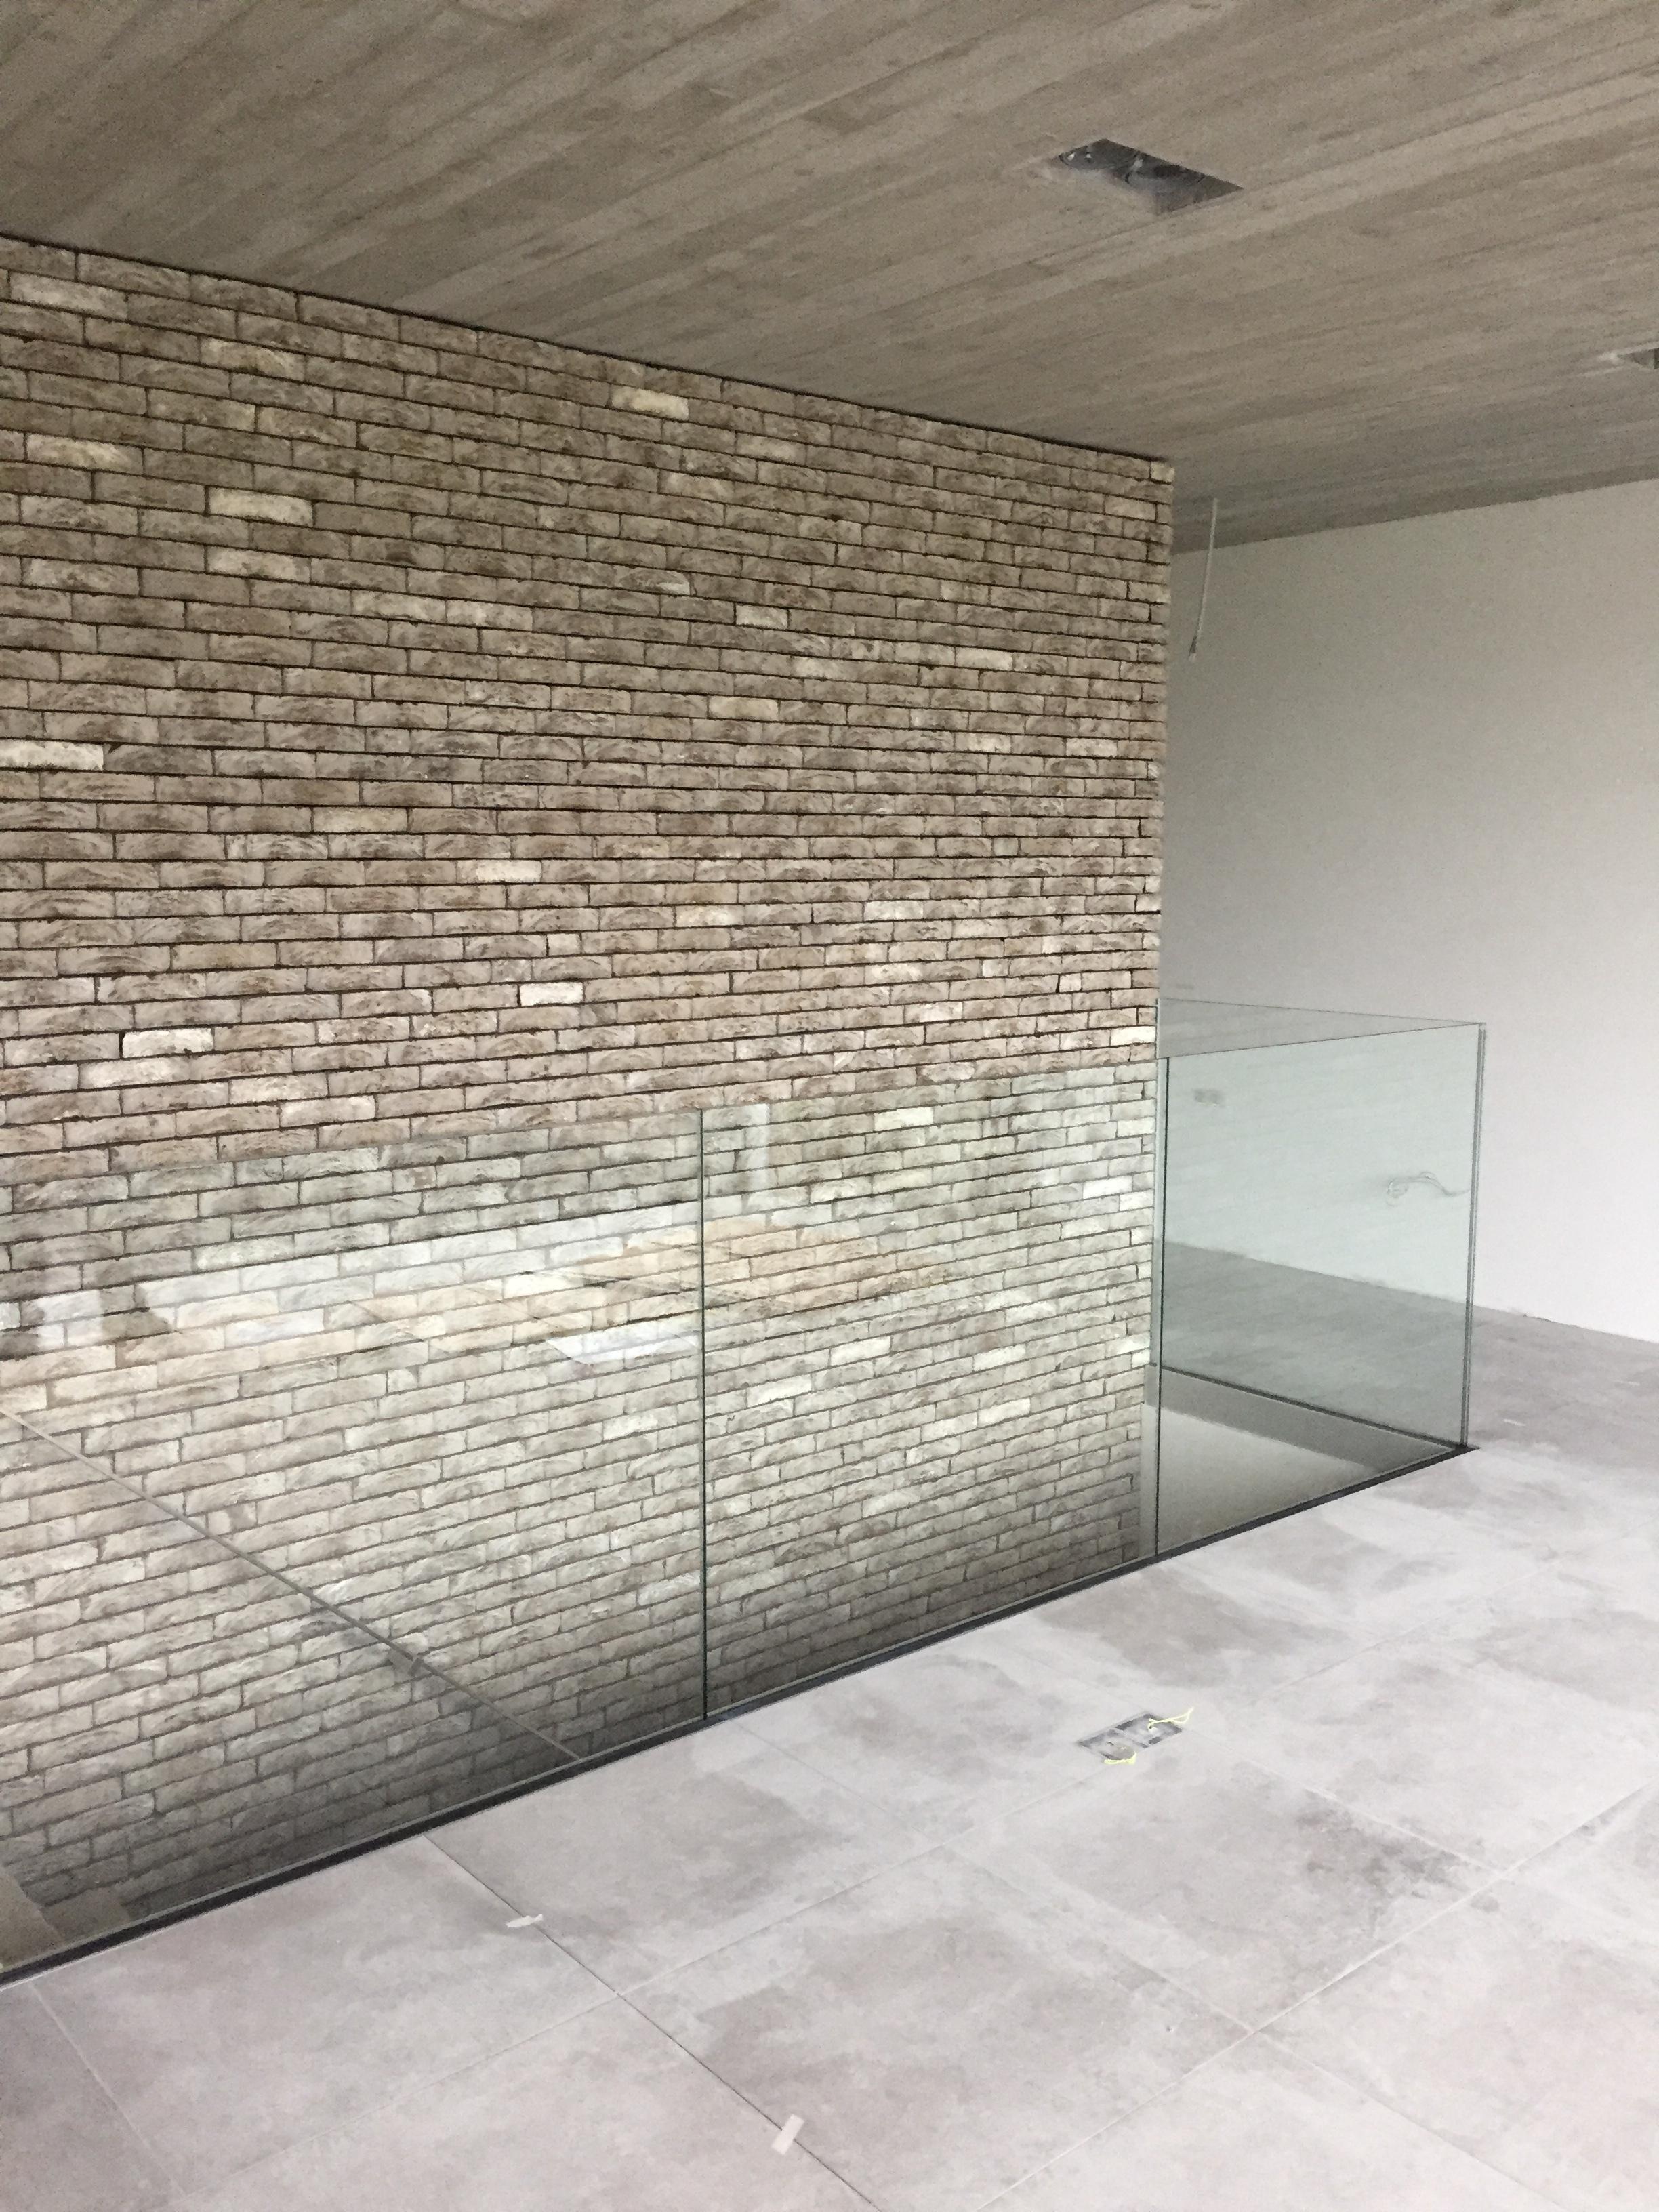 BINNENBALUSTRADES IN GLAS EN RVS   (  KLIK HIER)